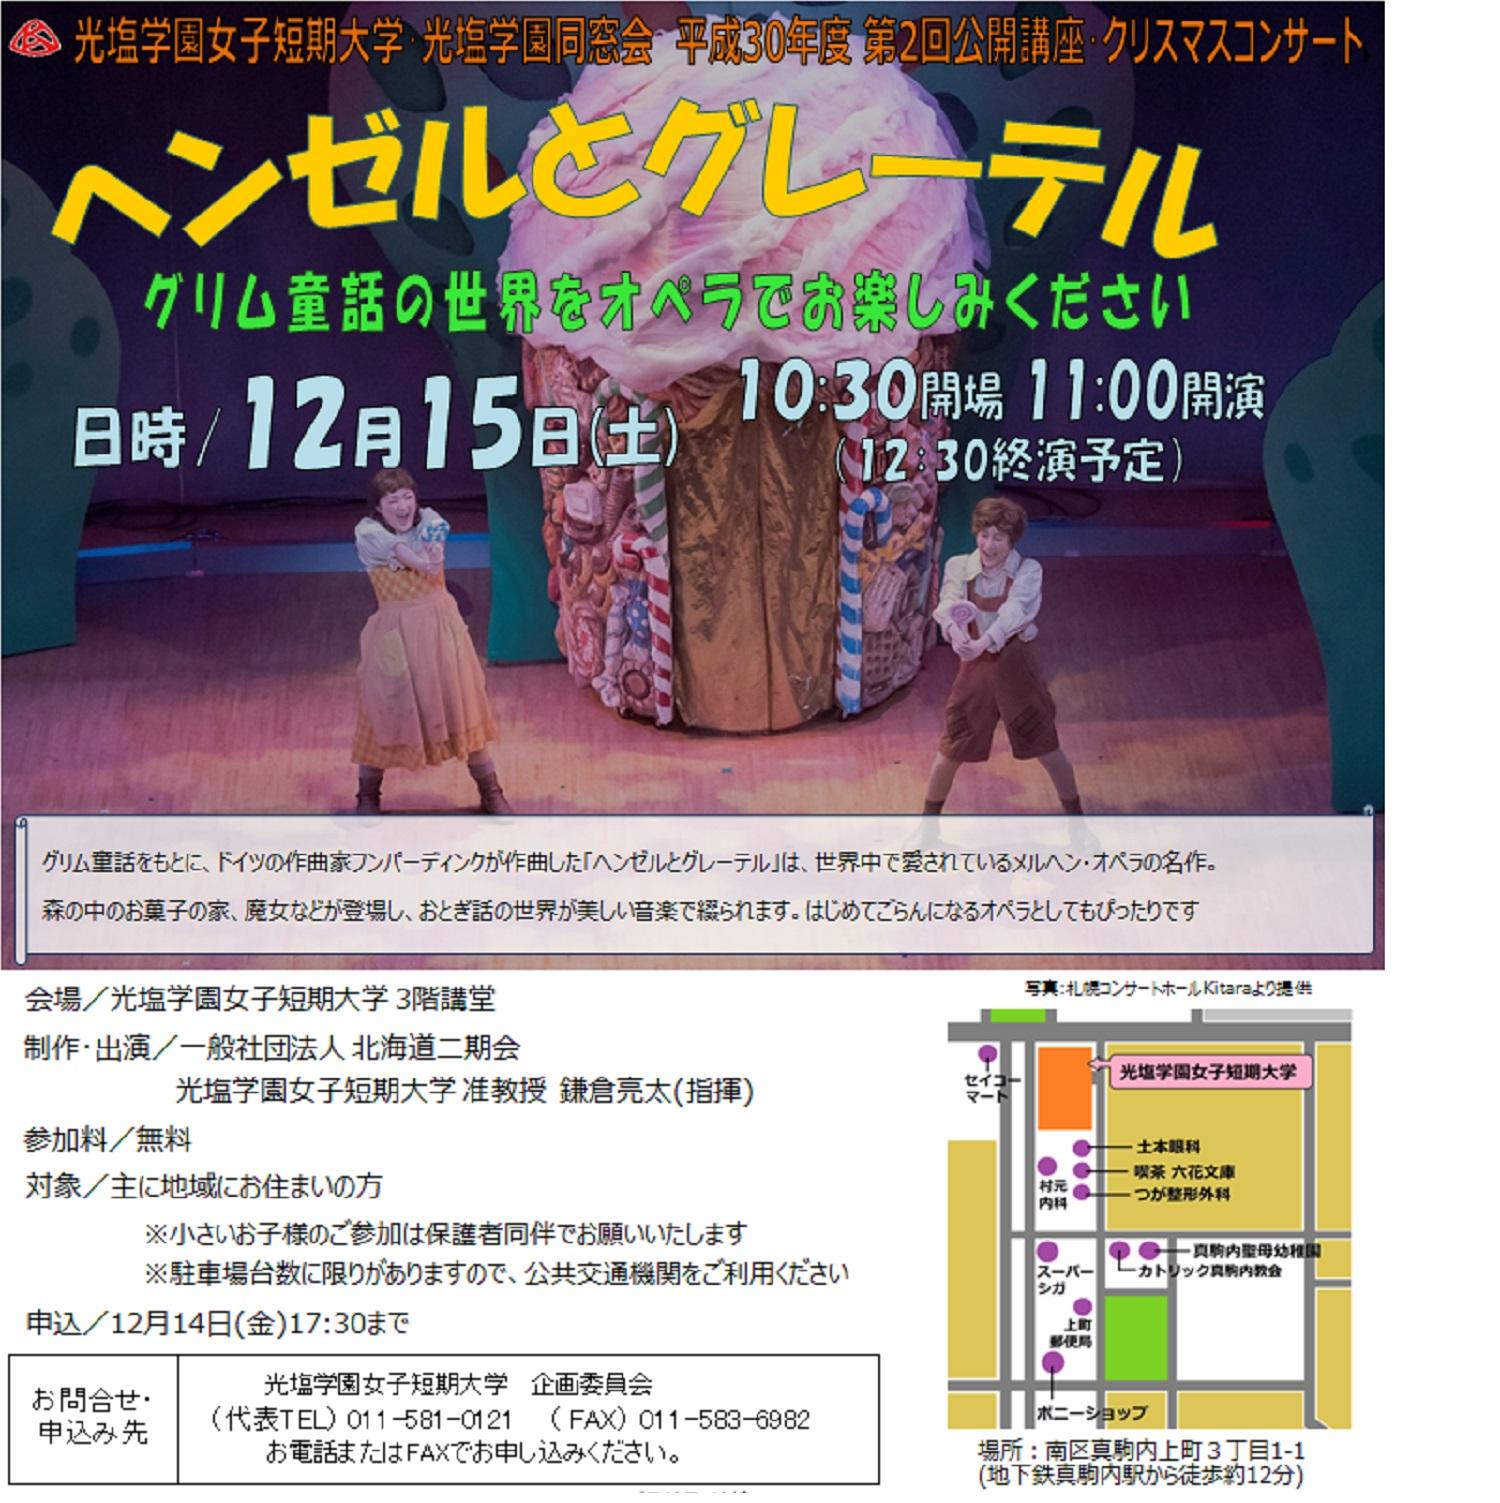 【同窓生の方へ】第2回公開講座・クリスマスコンサートを開催いたします!